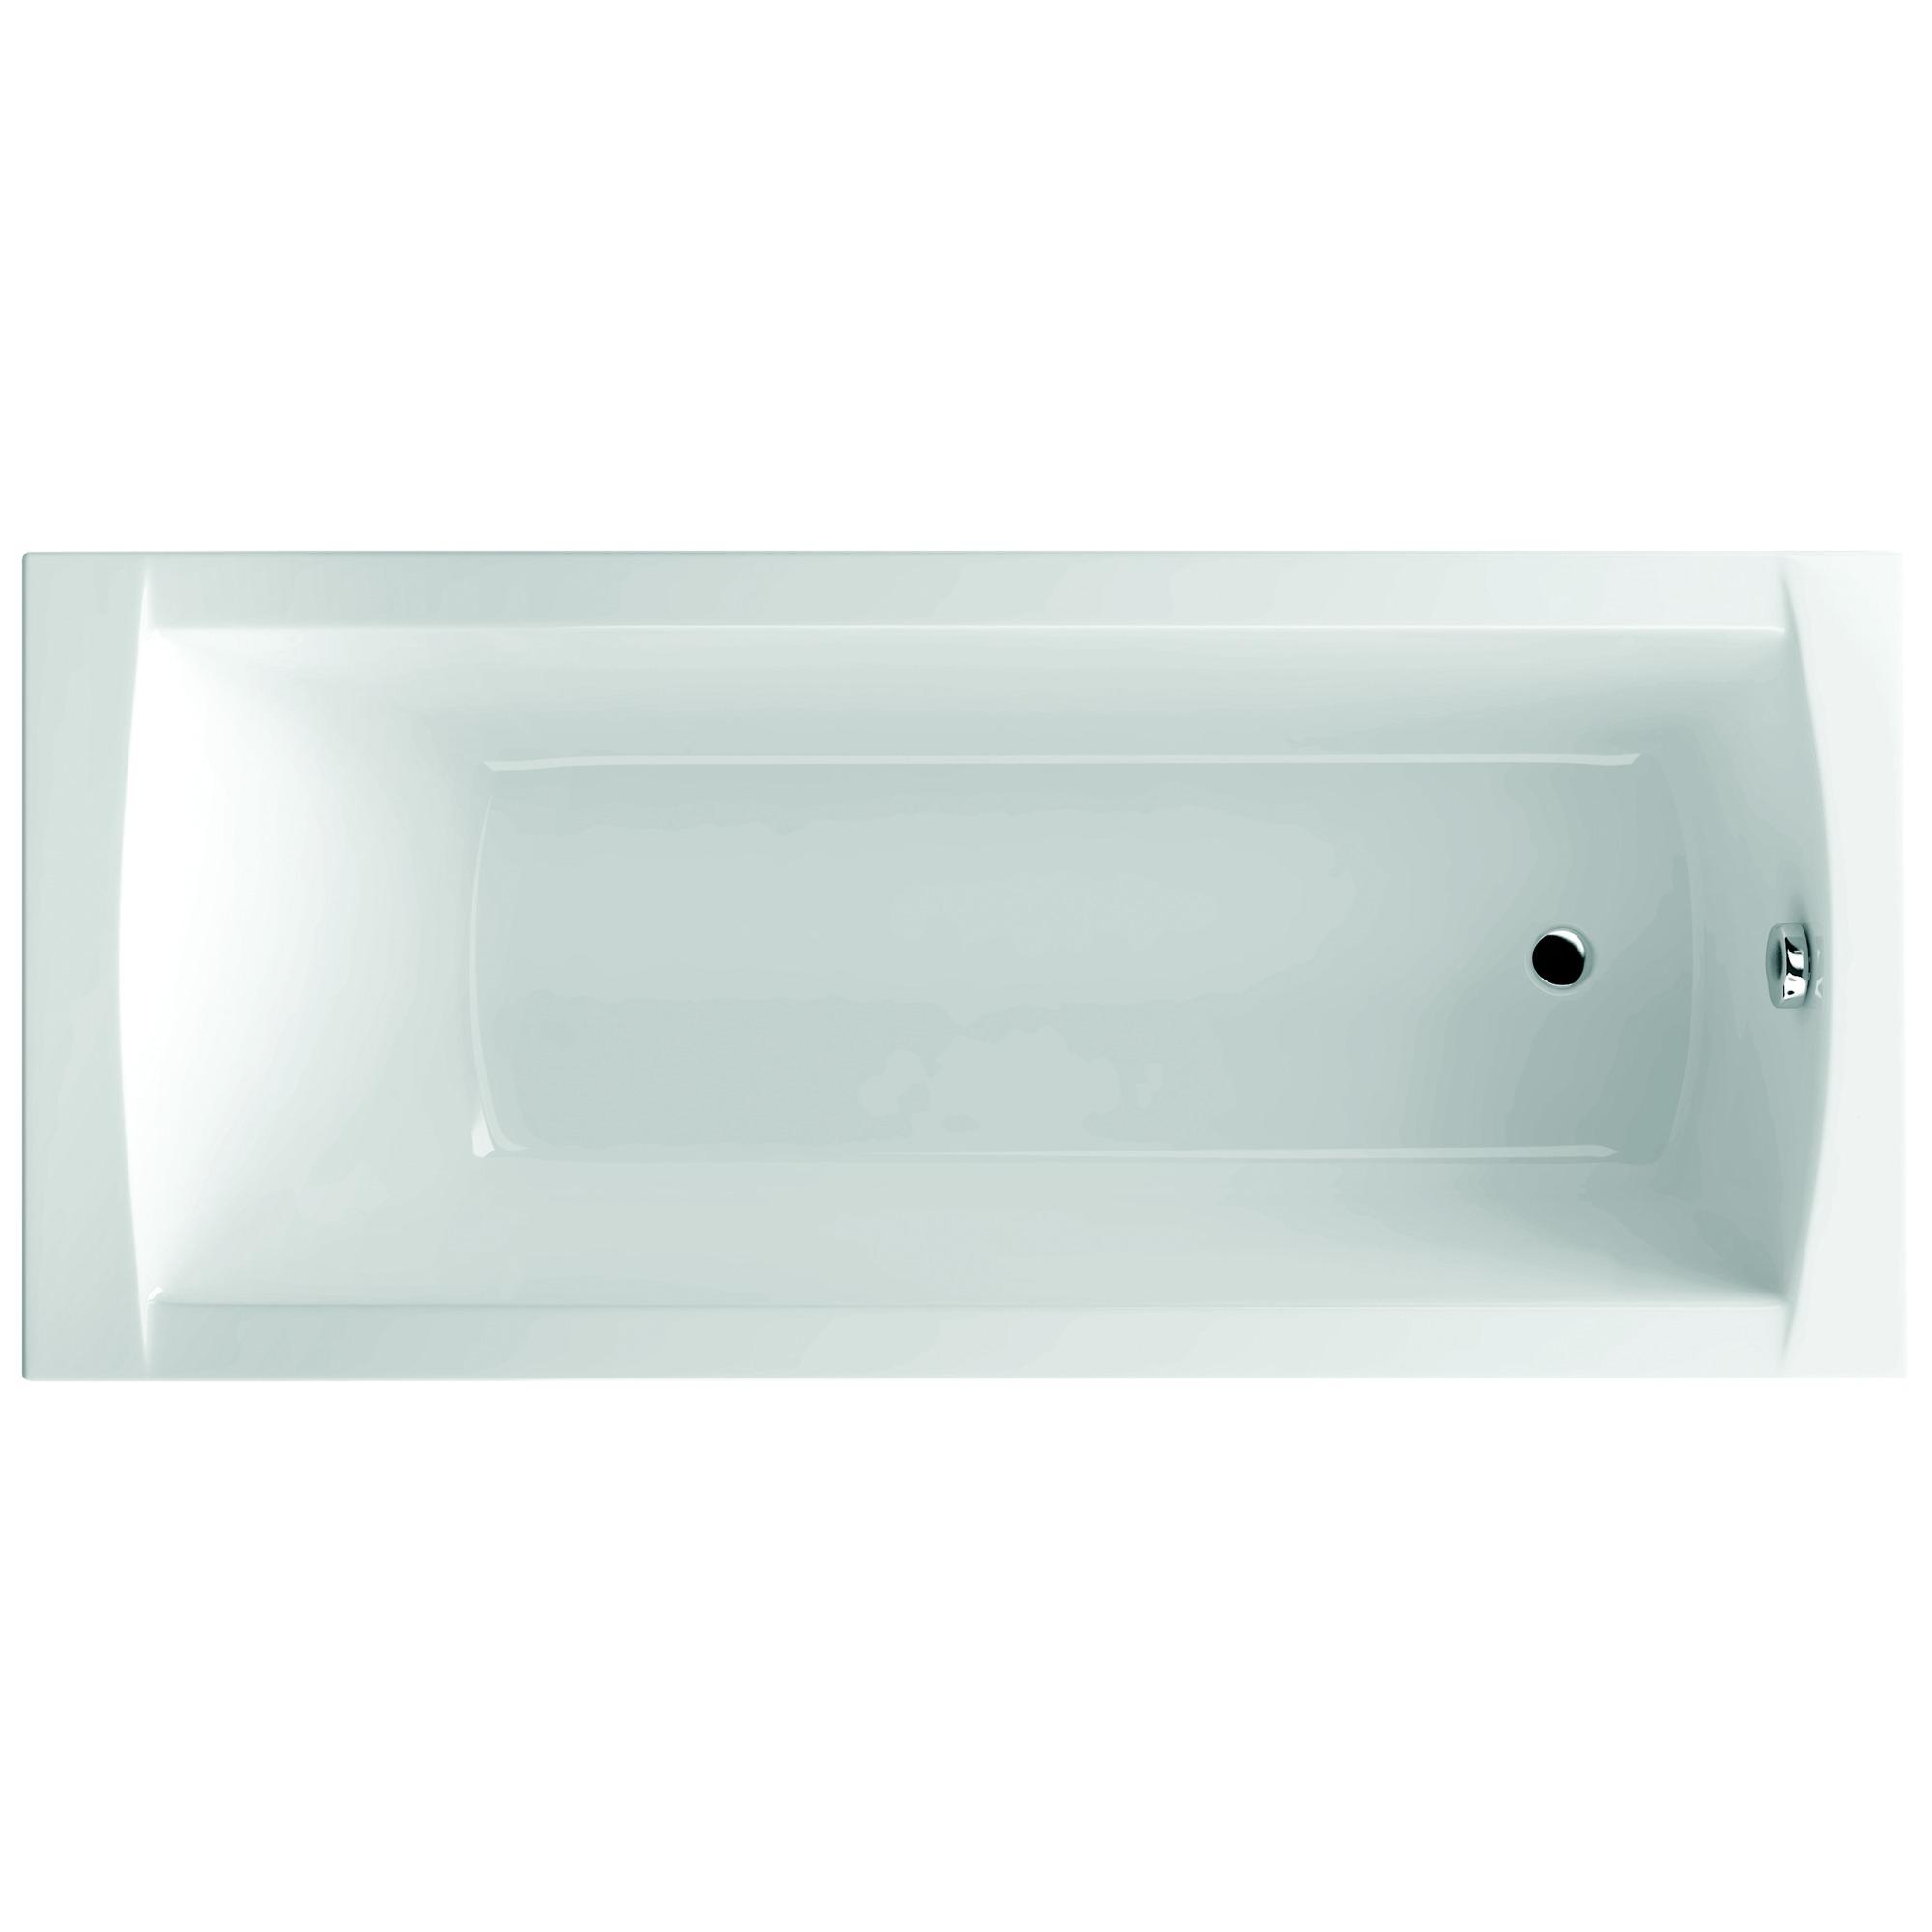 Sealskin Get Wet Trend Bad rechthoek 160x70cm wit